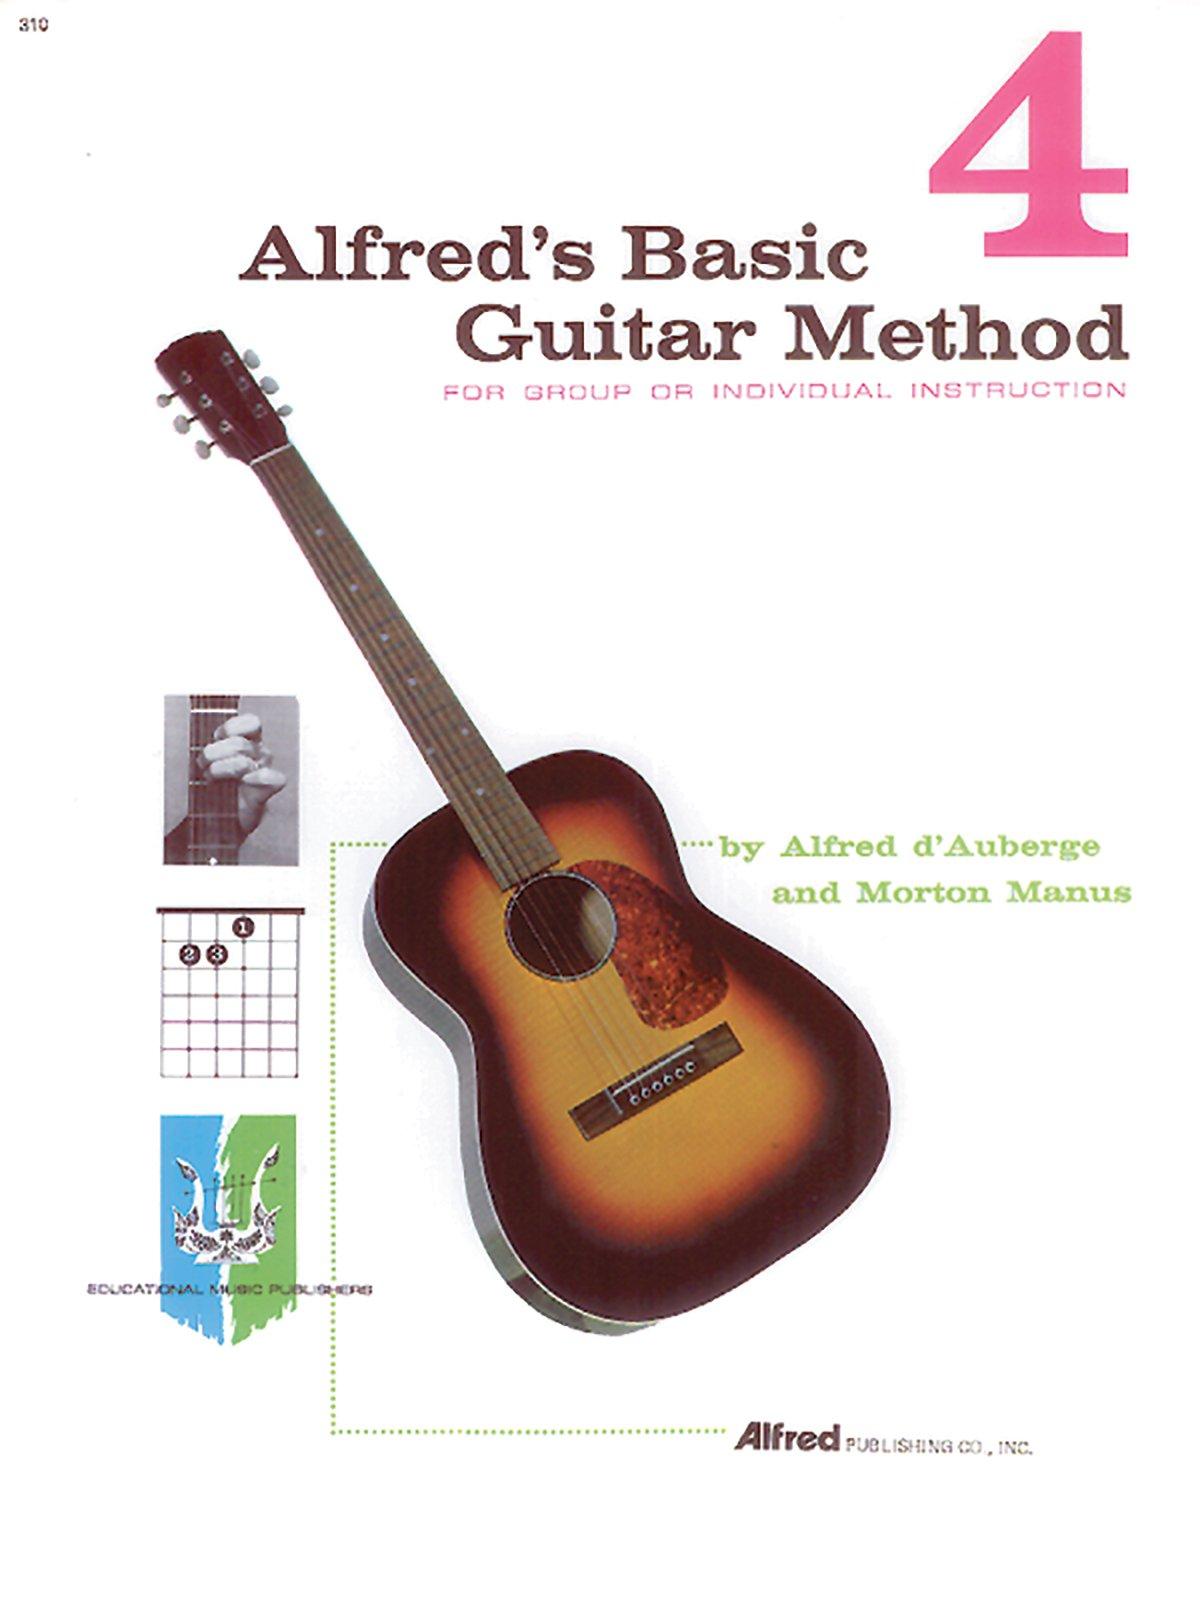 Alfreds Basic Guitar Method Book 4 Alfred Dauberge Morton Manus